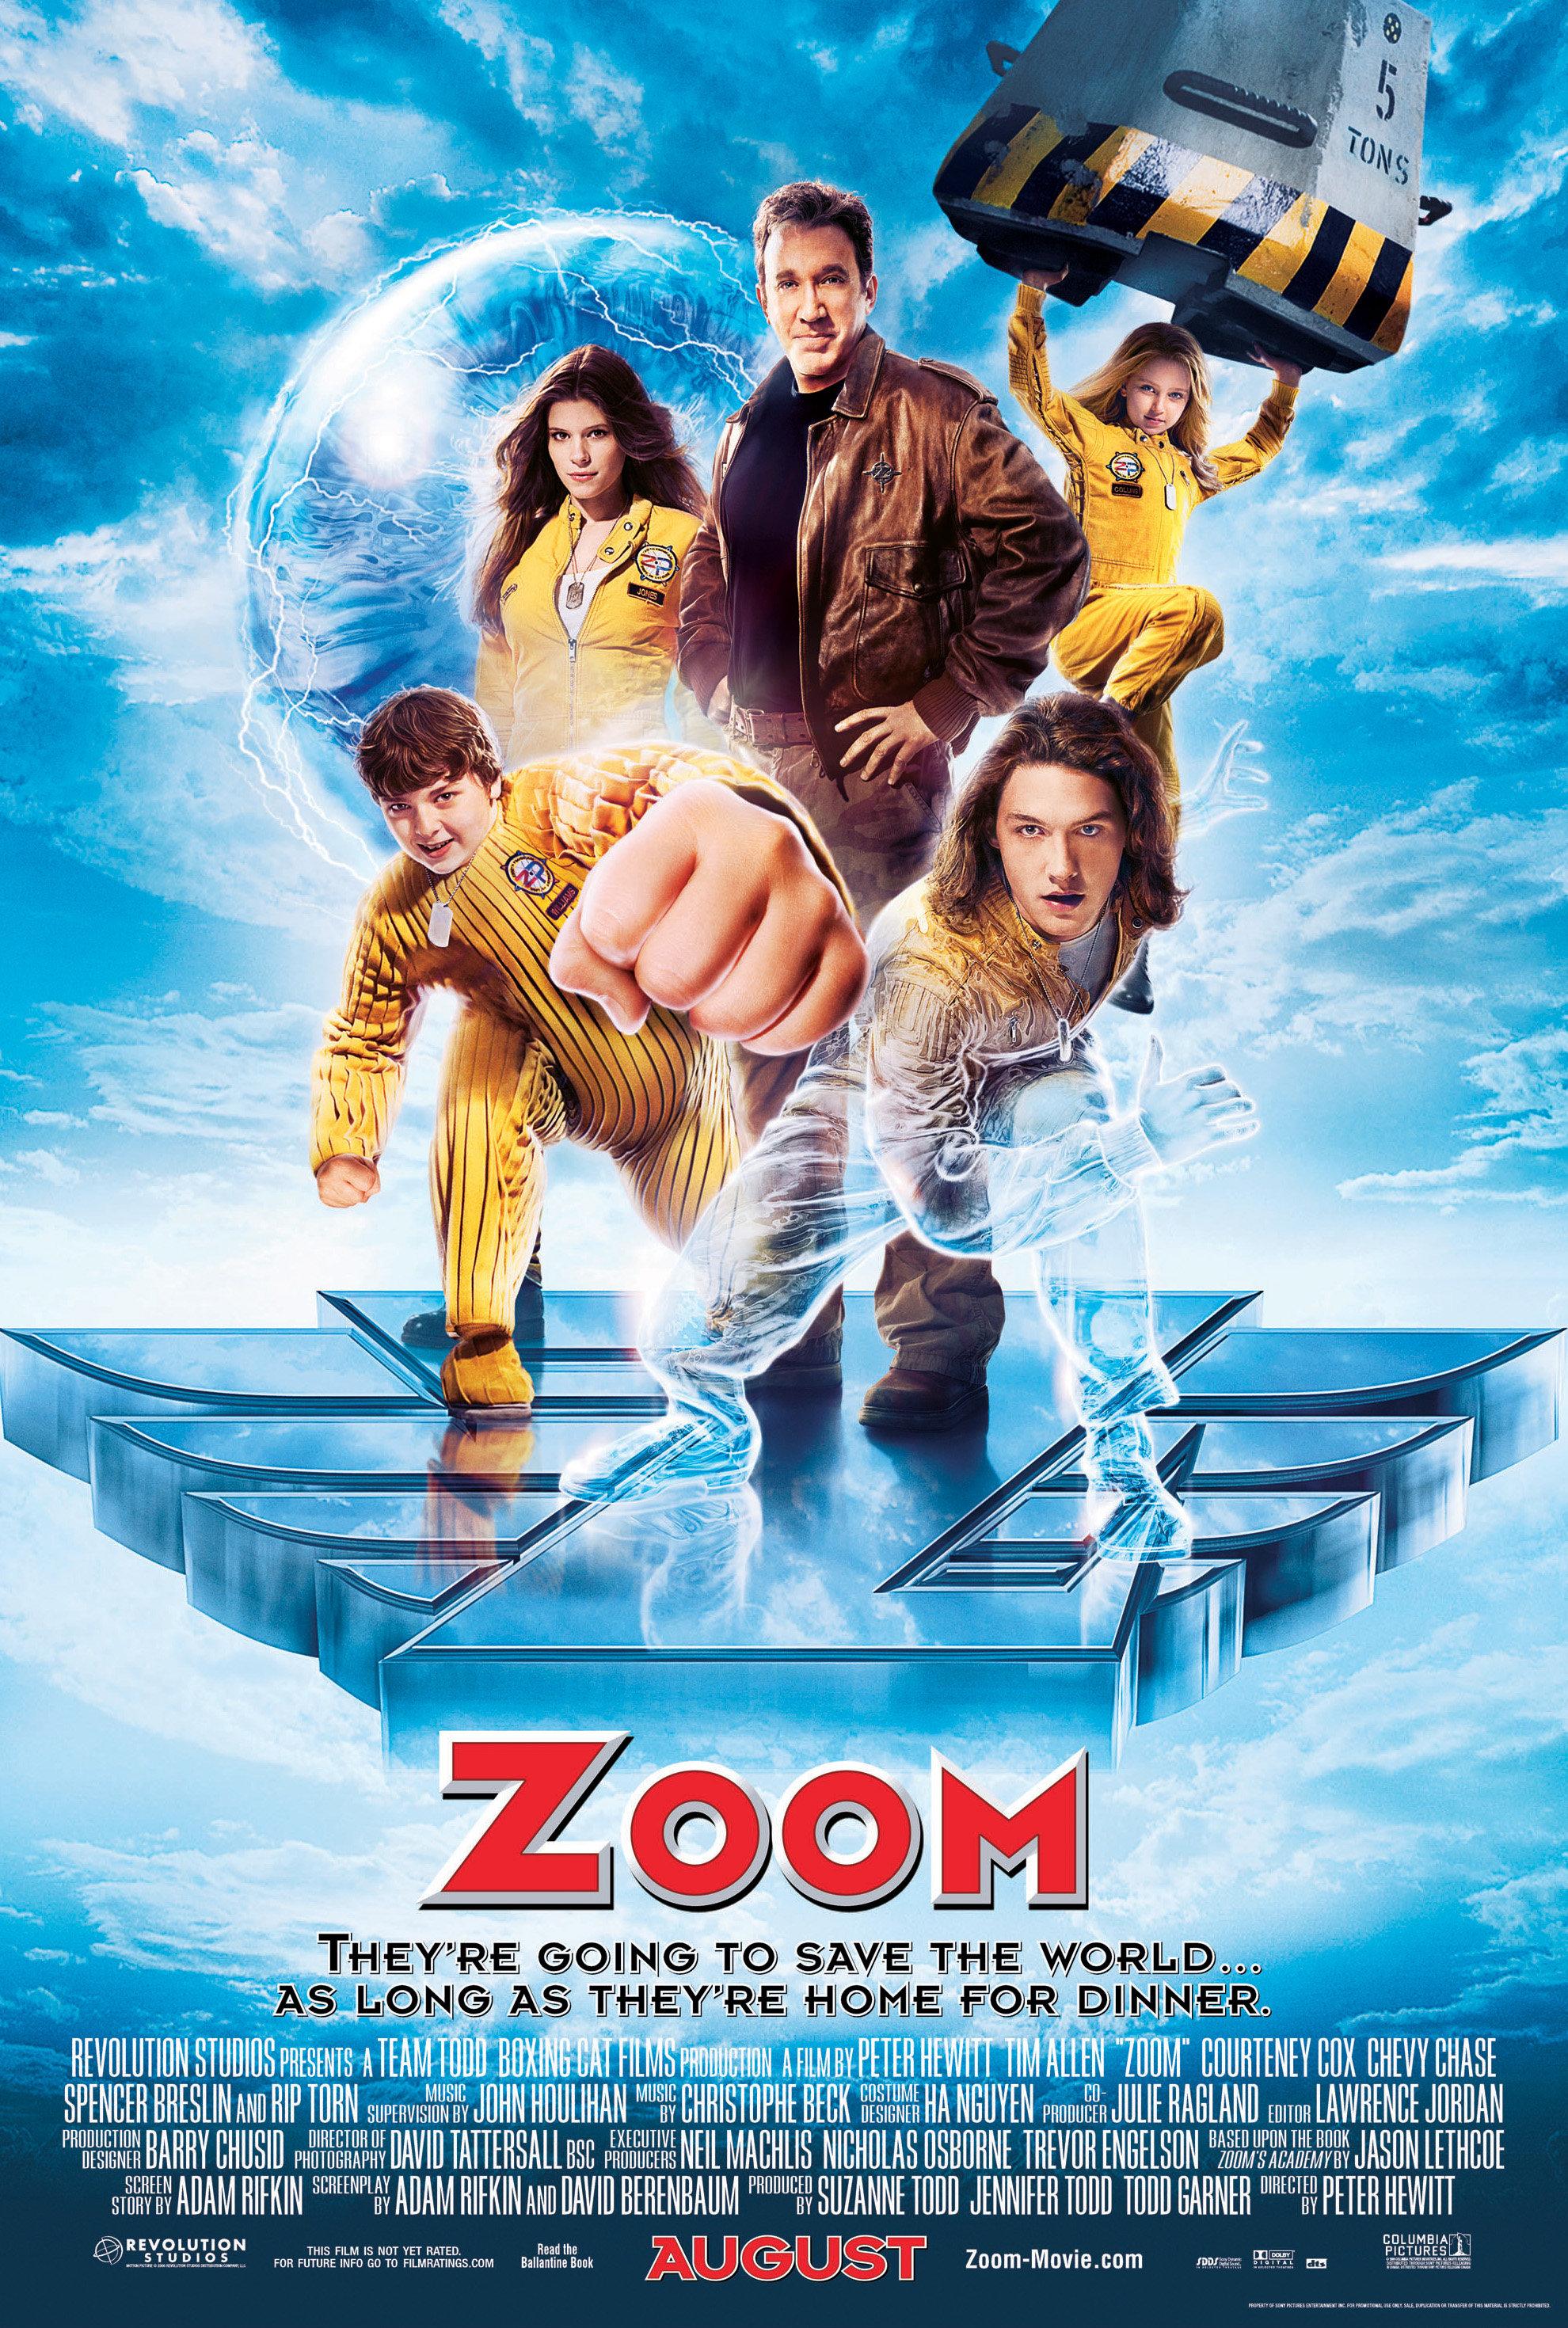 Film Zoom Streaming Complet - La nuit, Emma est auteur de BD. Le jour, elle travaille dans une usine de poupées...